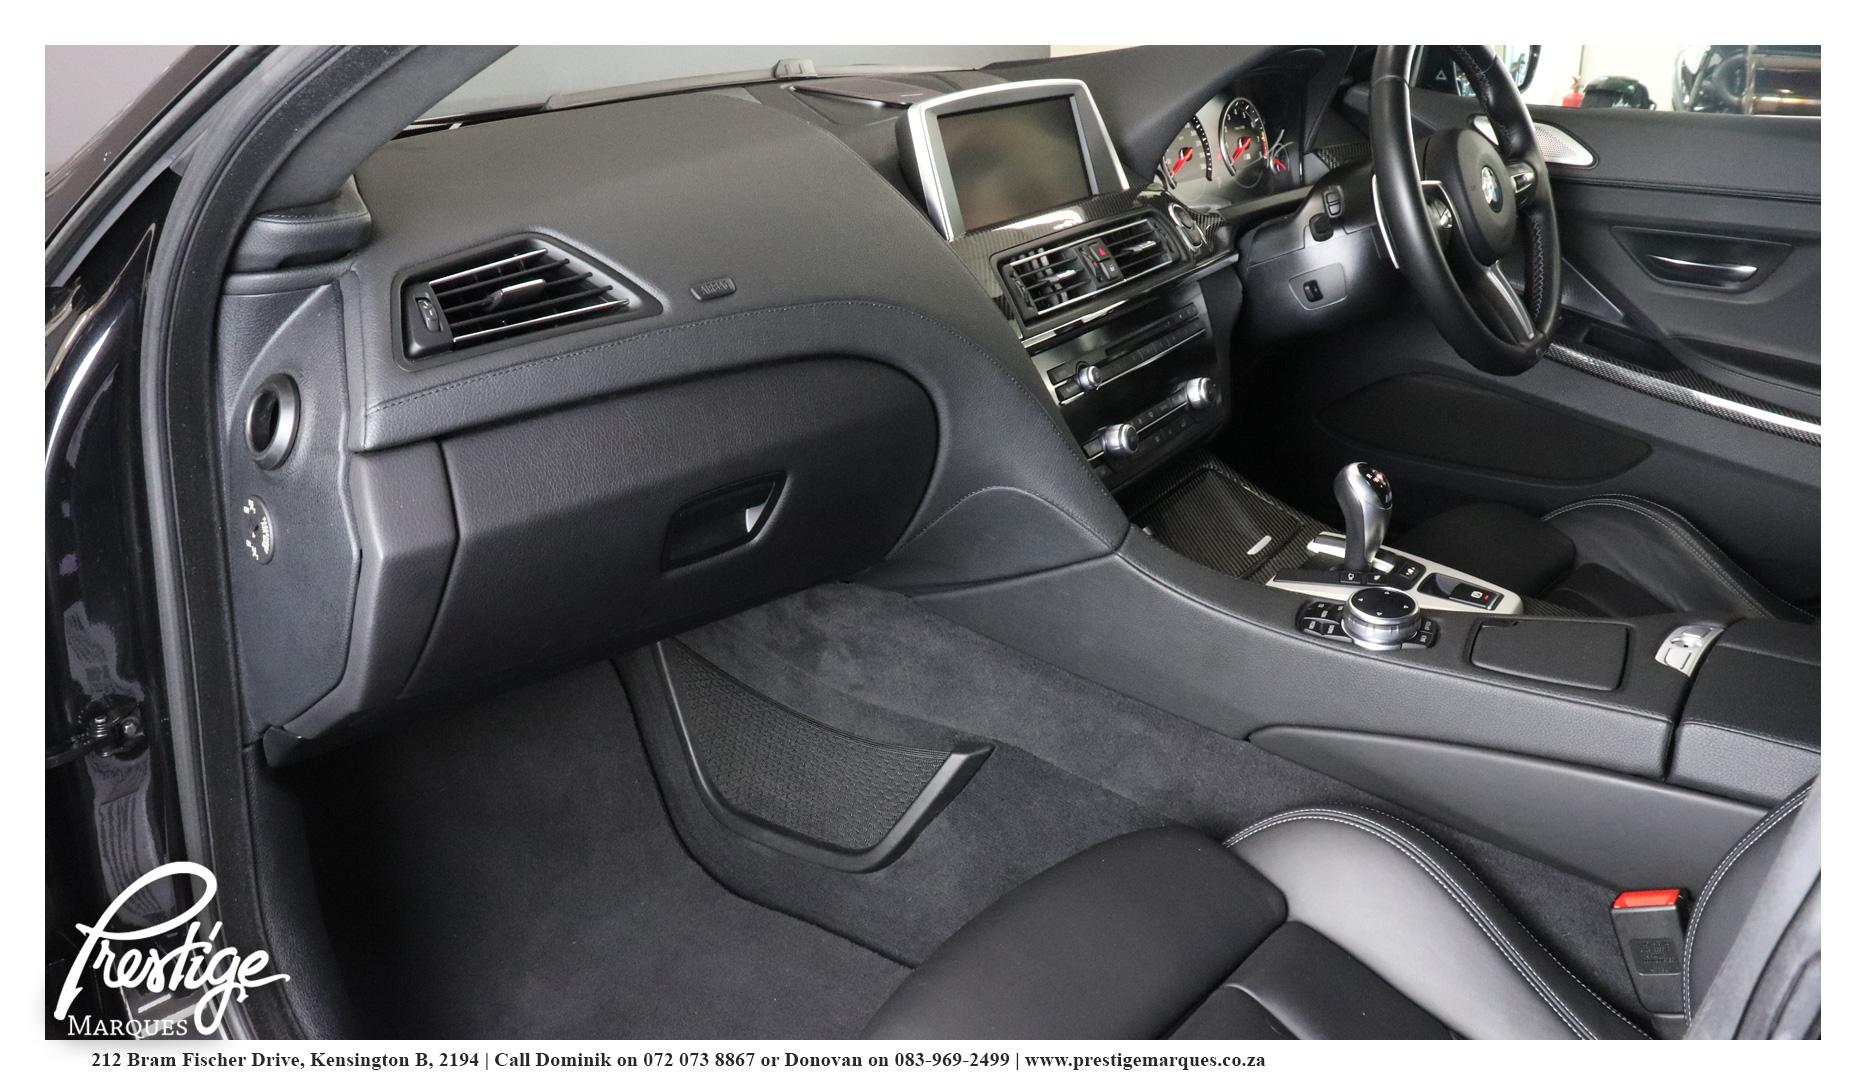 Prestige-Marques-2014-BMW-M6-Gran Coupe-MDCT-21